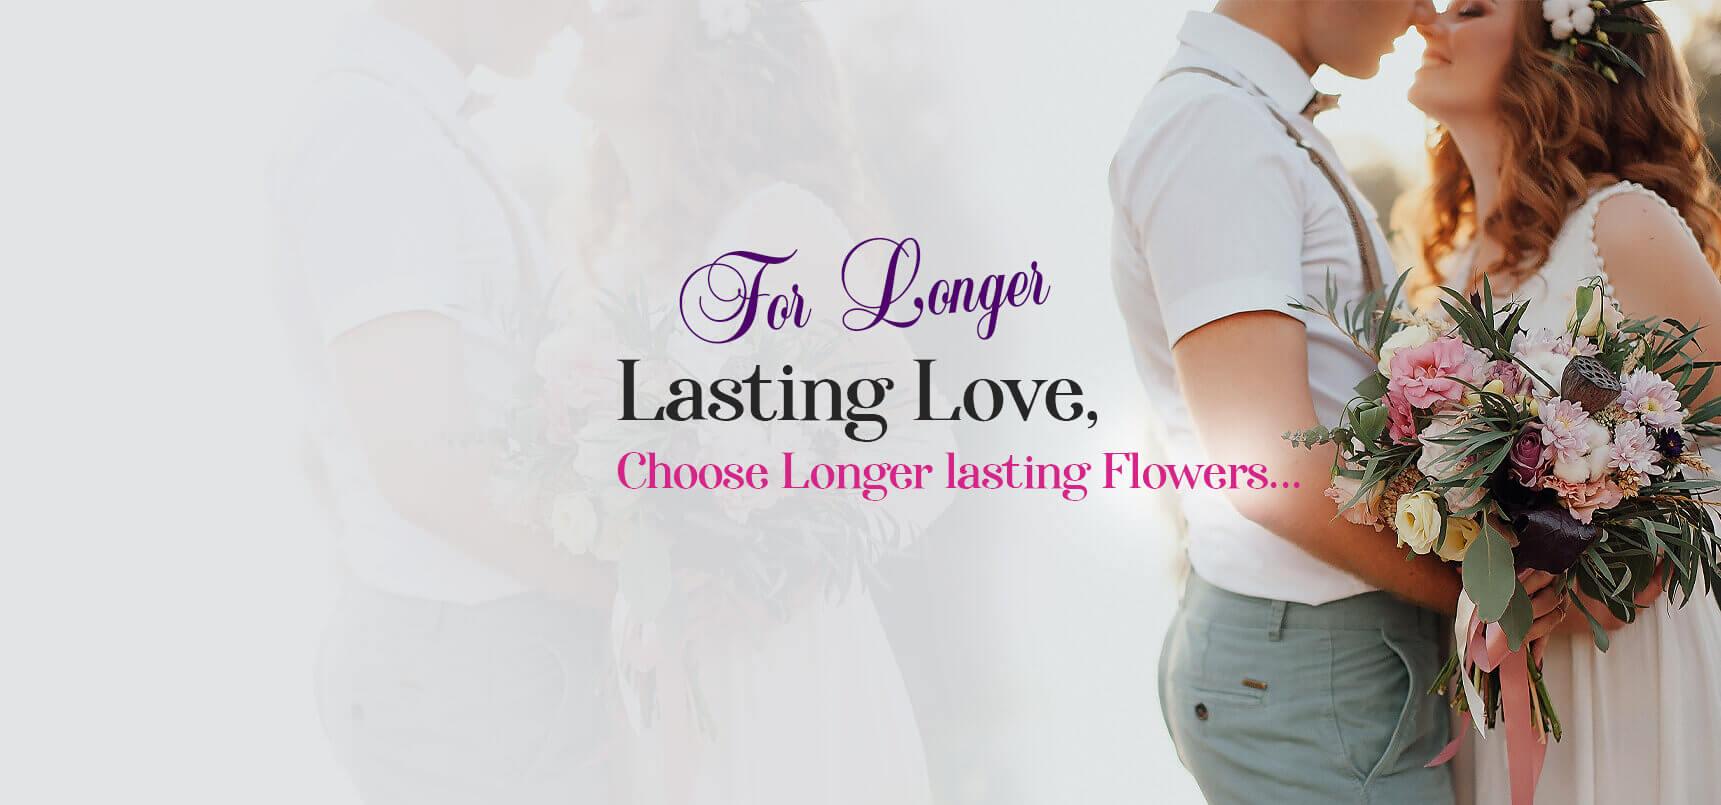 For Longer Lasting Love